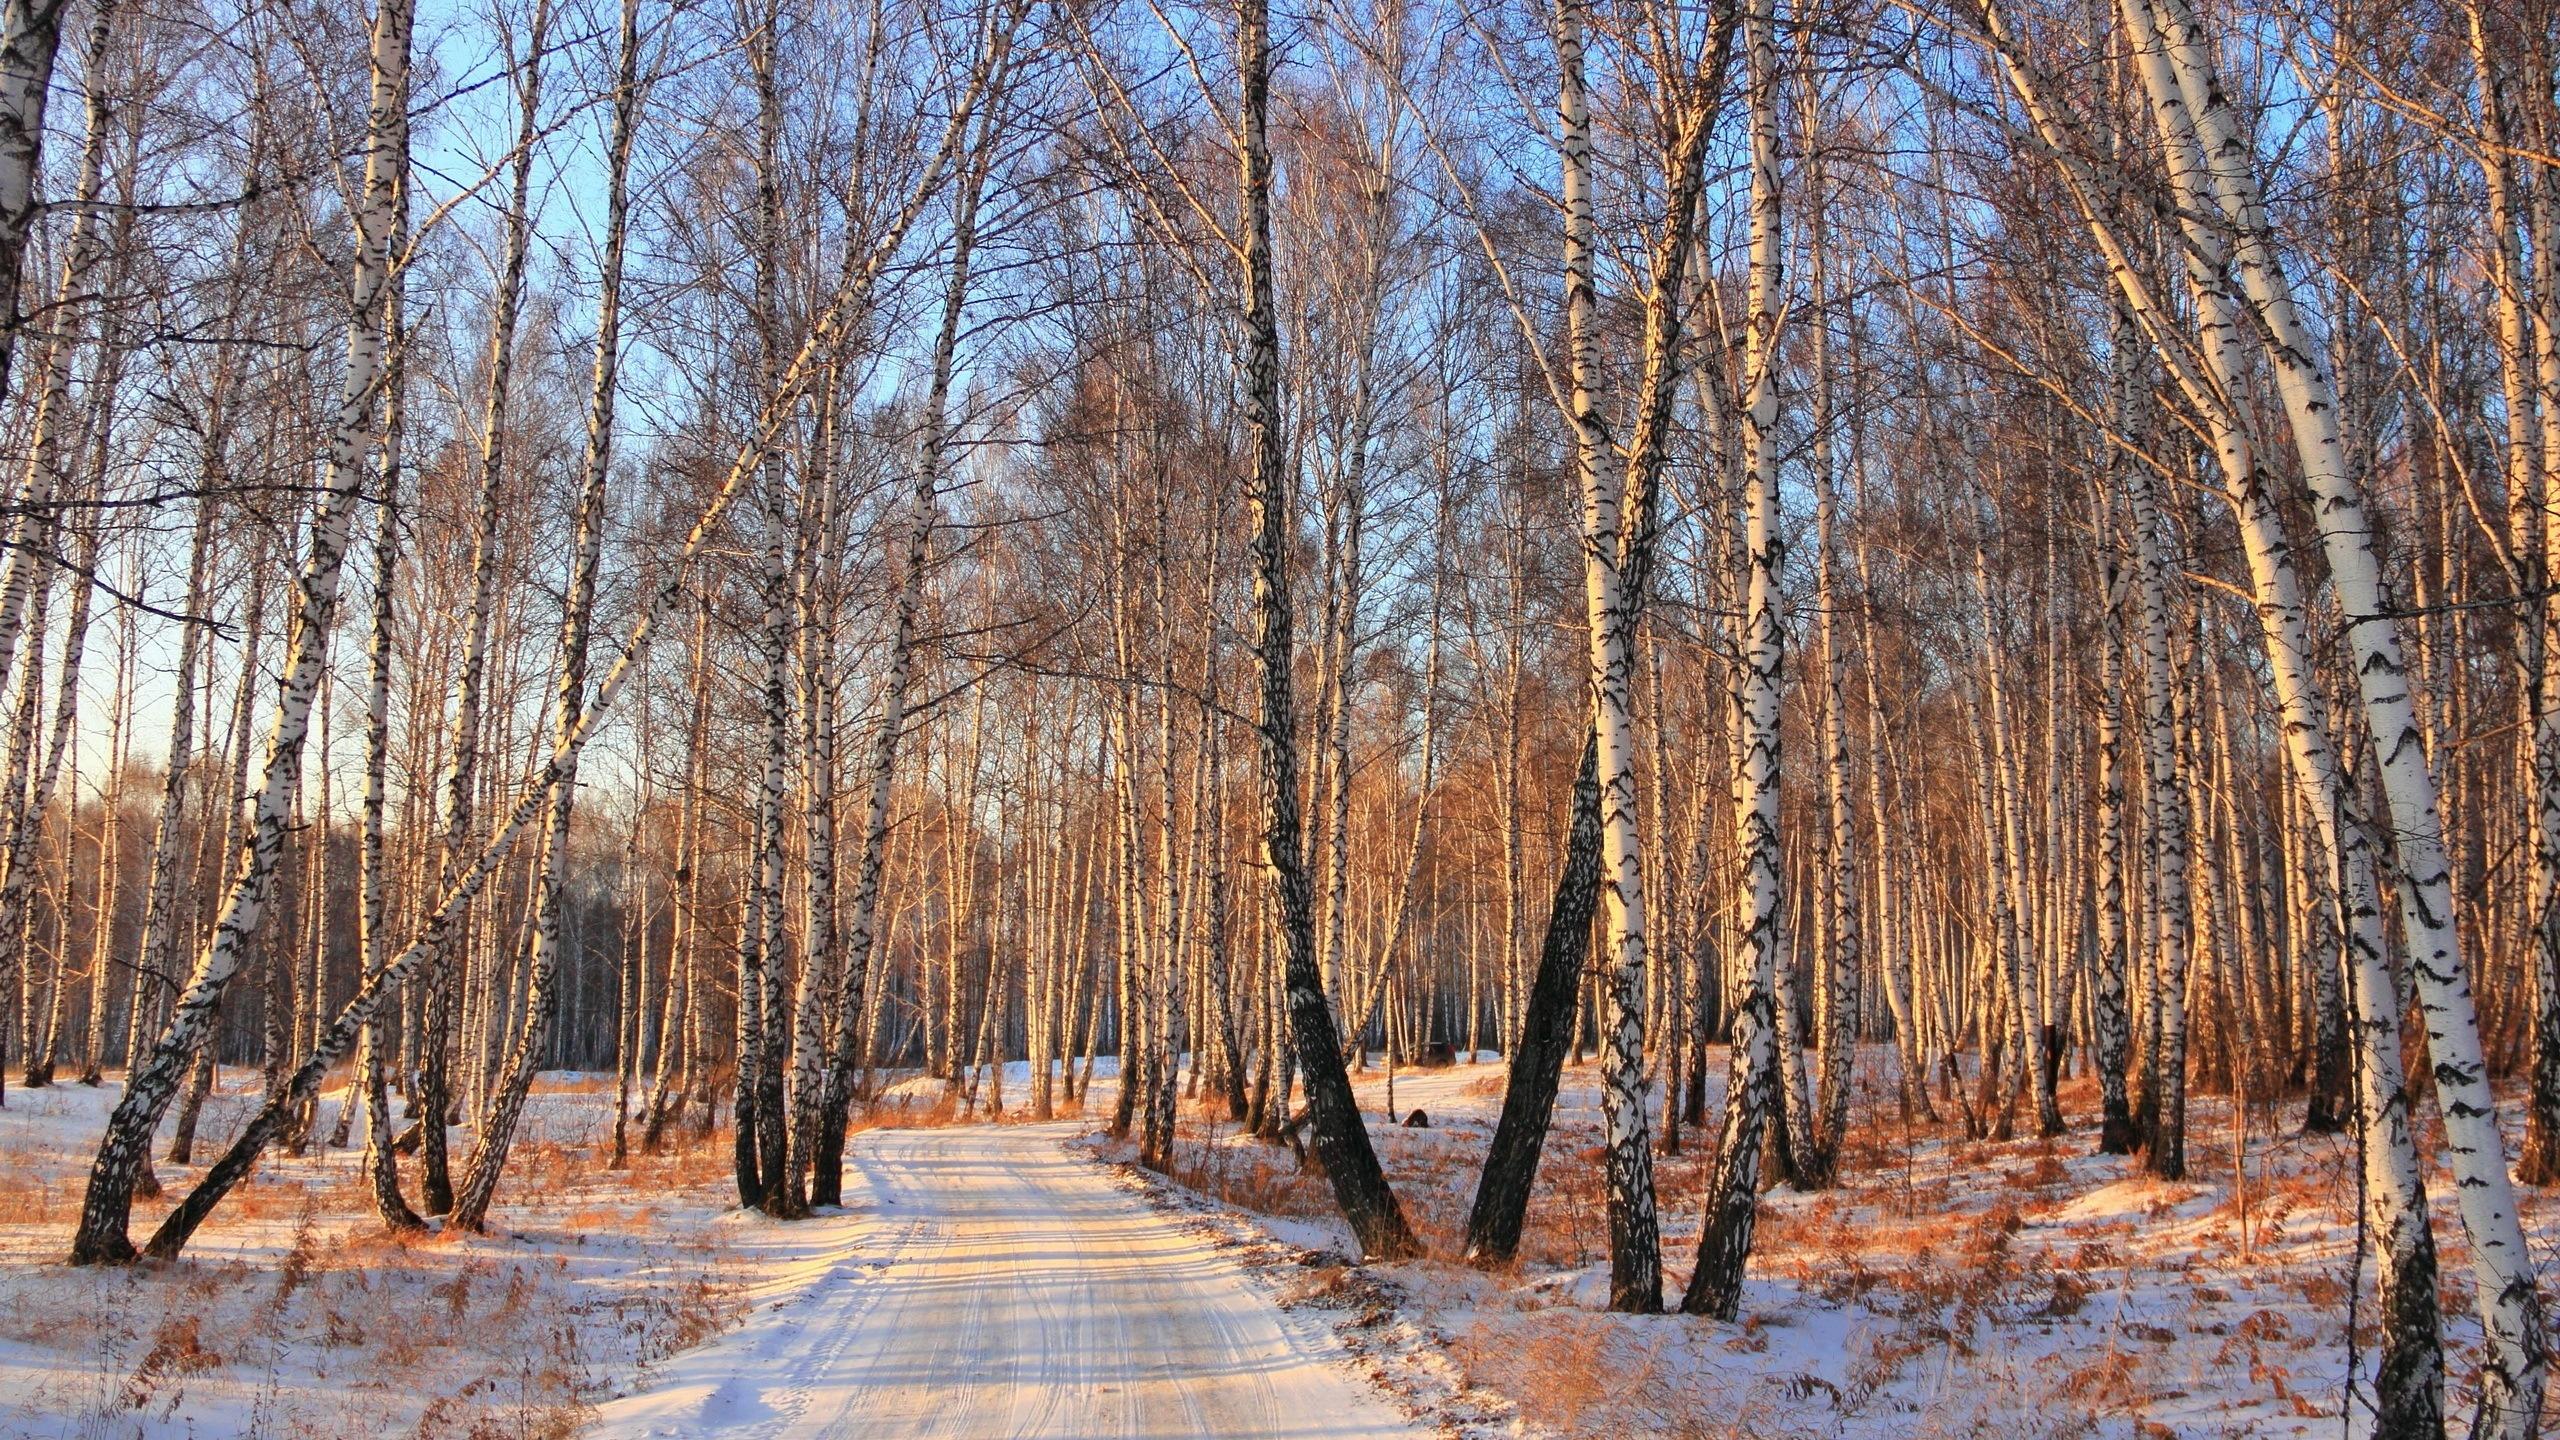 雪冬、白樺の森道 壁紙 - 2560x1440   雪冬、白樺の森道 壁紙